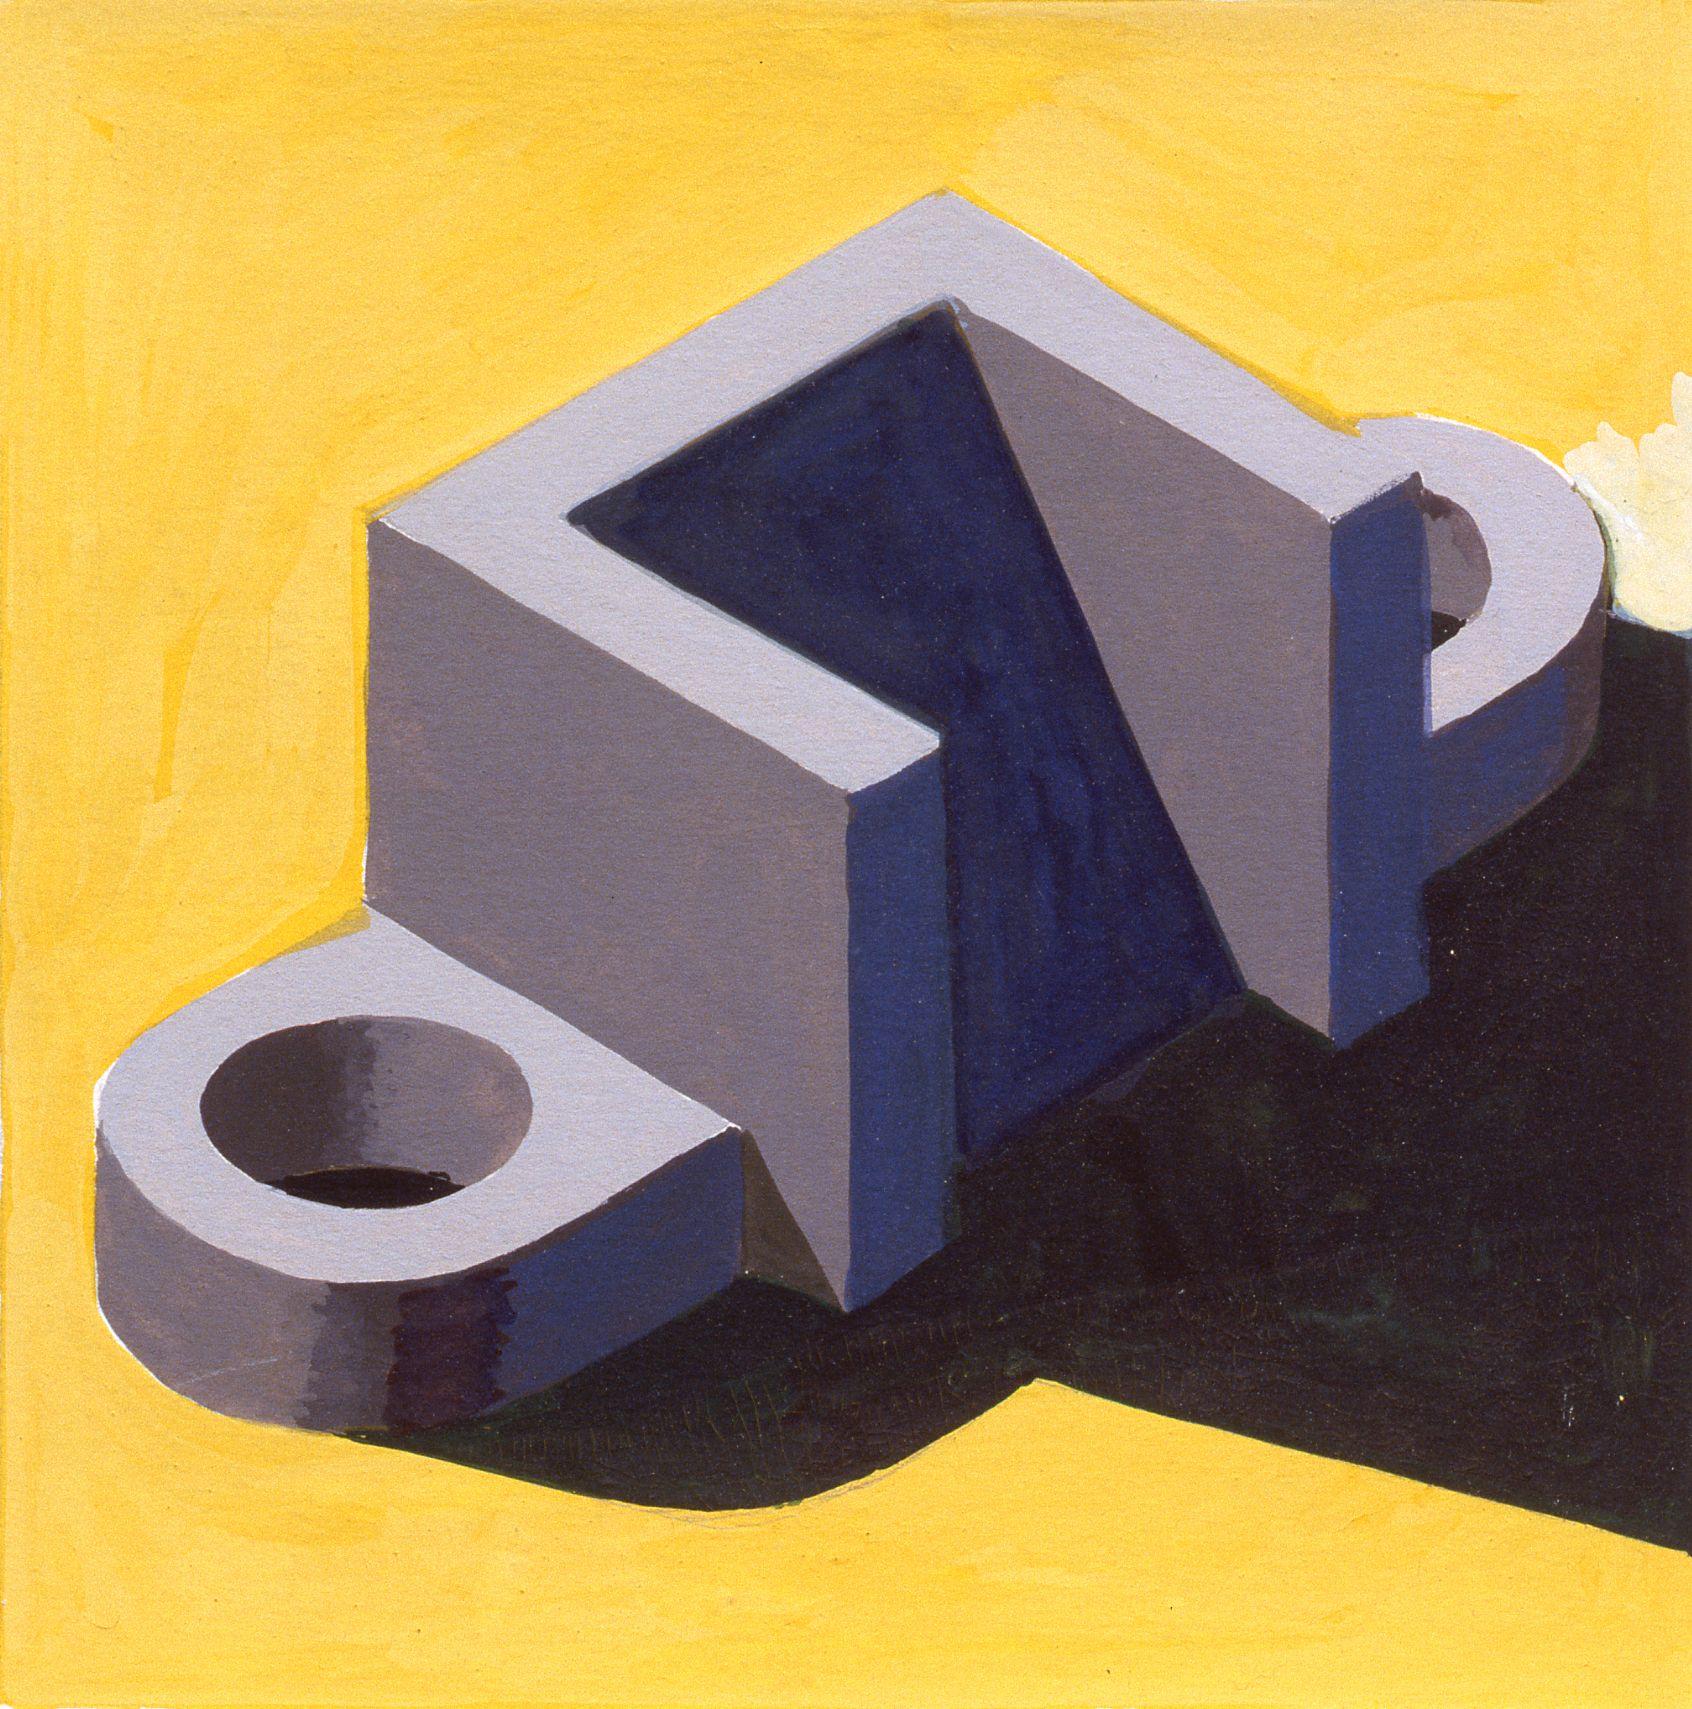 Robert Cottingham, Component XXXVI, 2005, gouache on paper, 5 1/2 x 5 1/2 inches